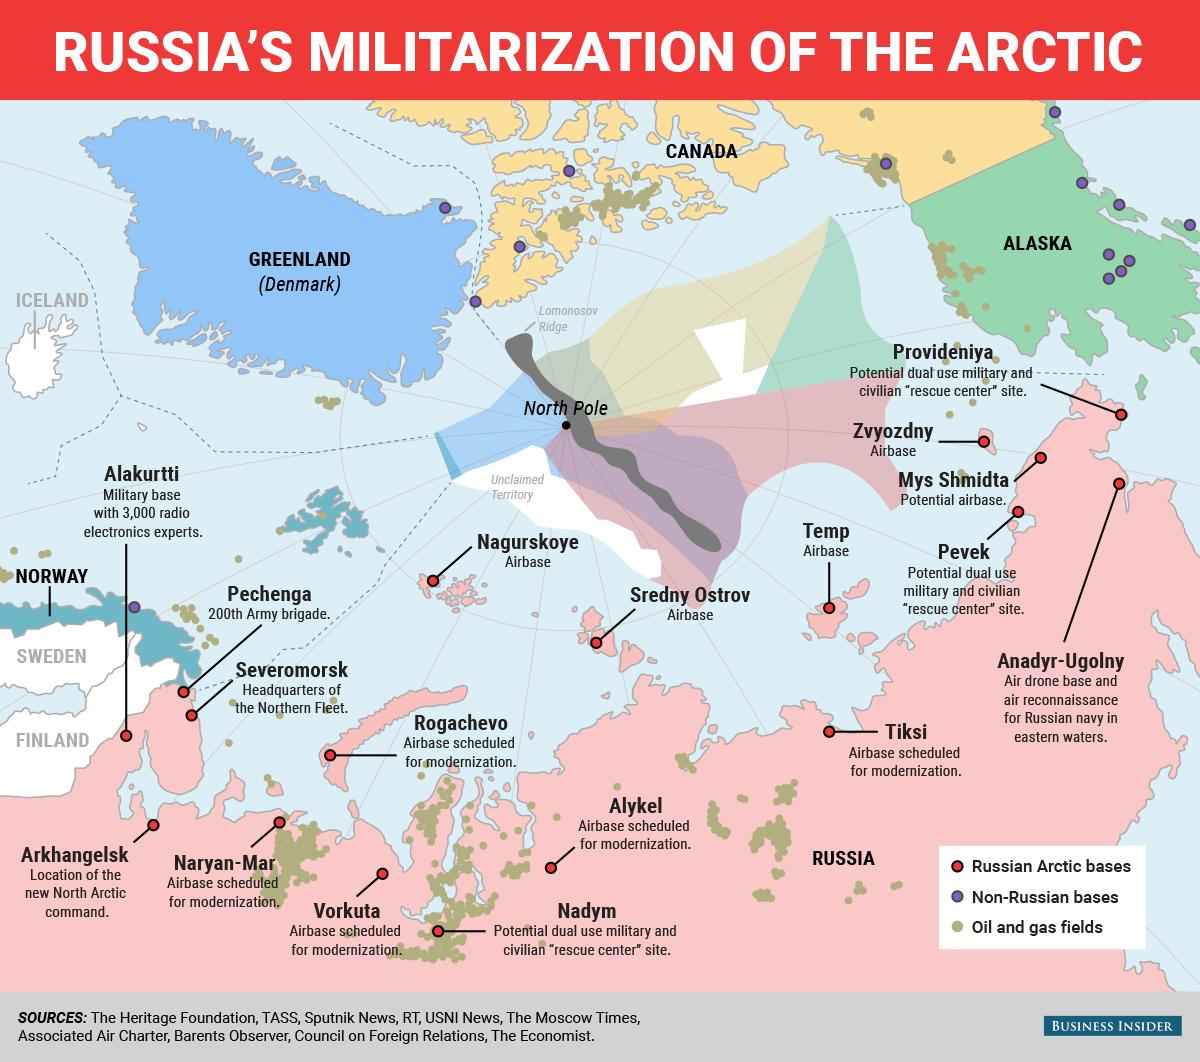 Russias Evolving Arctic Capabilities